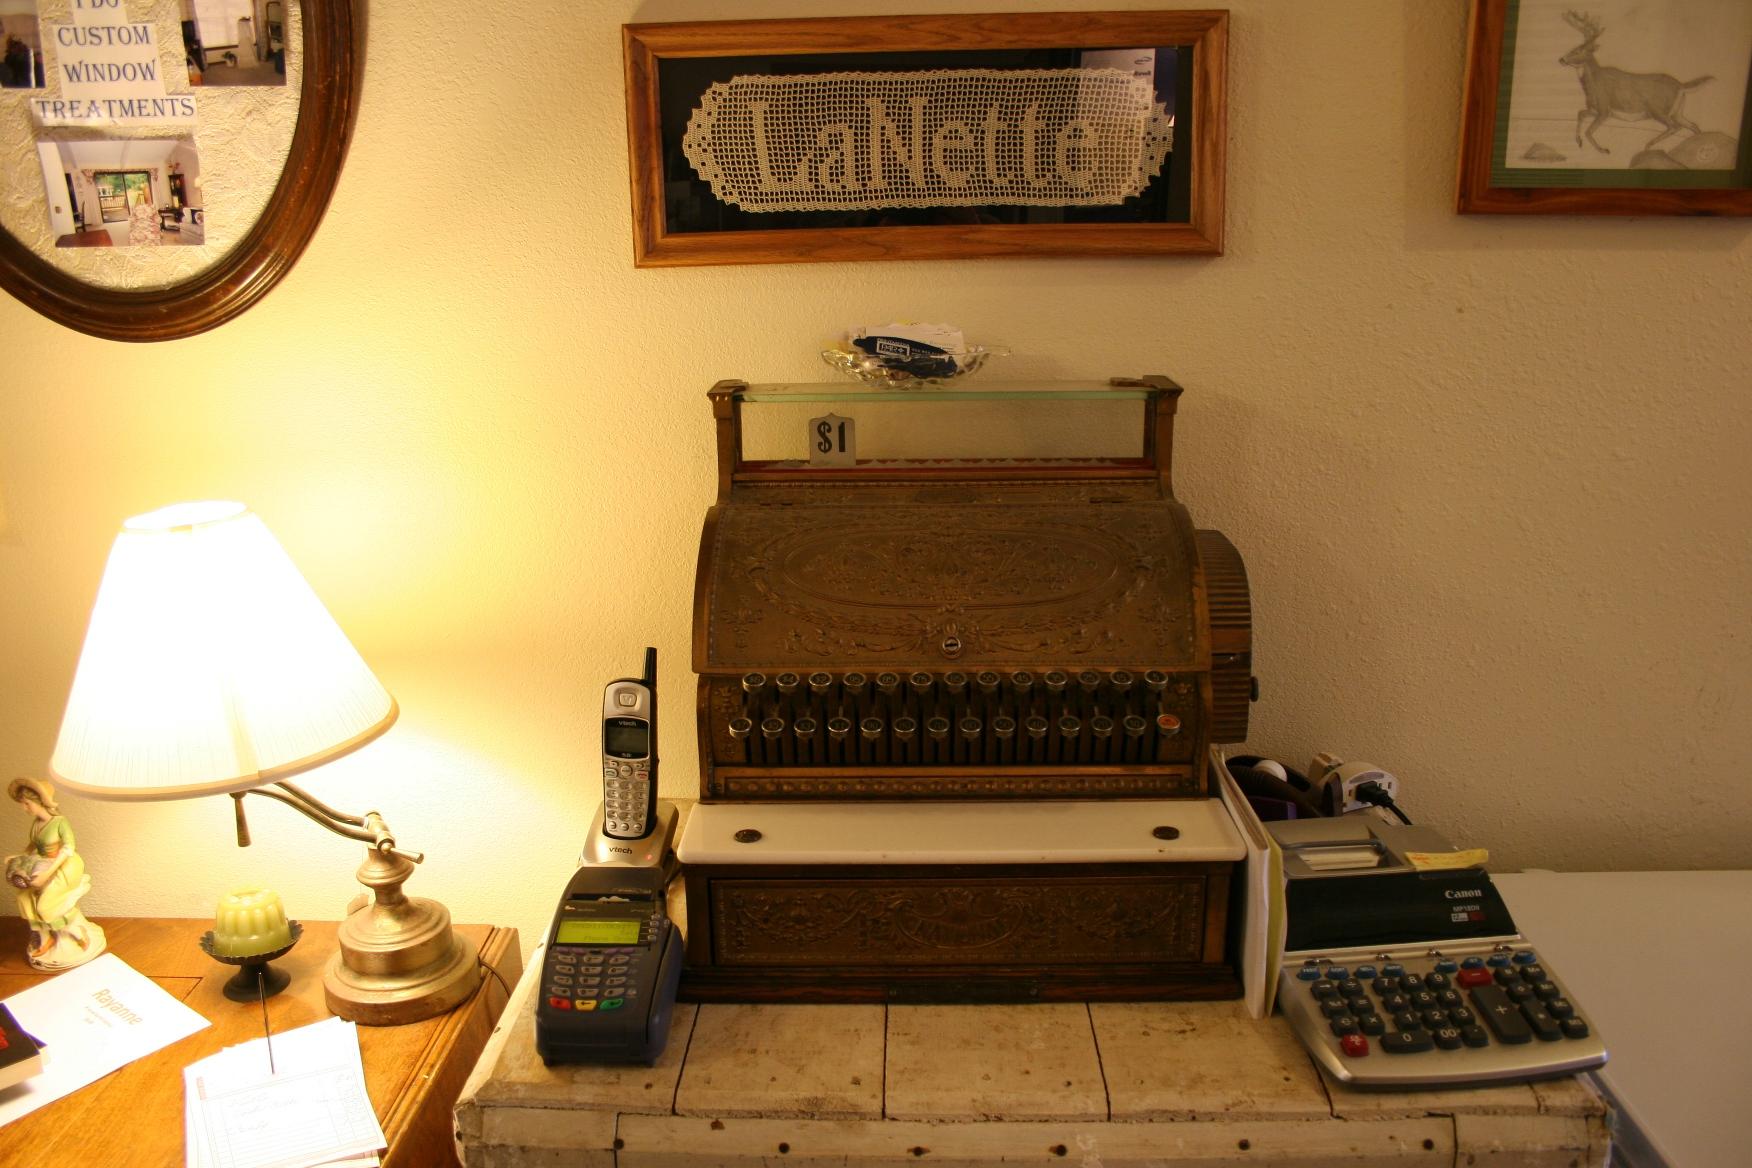 LaNette's delightful vintage cash register.